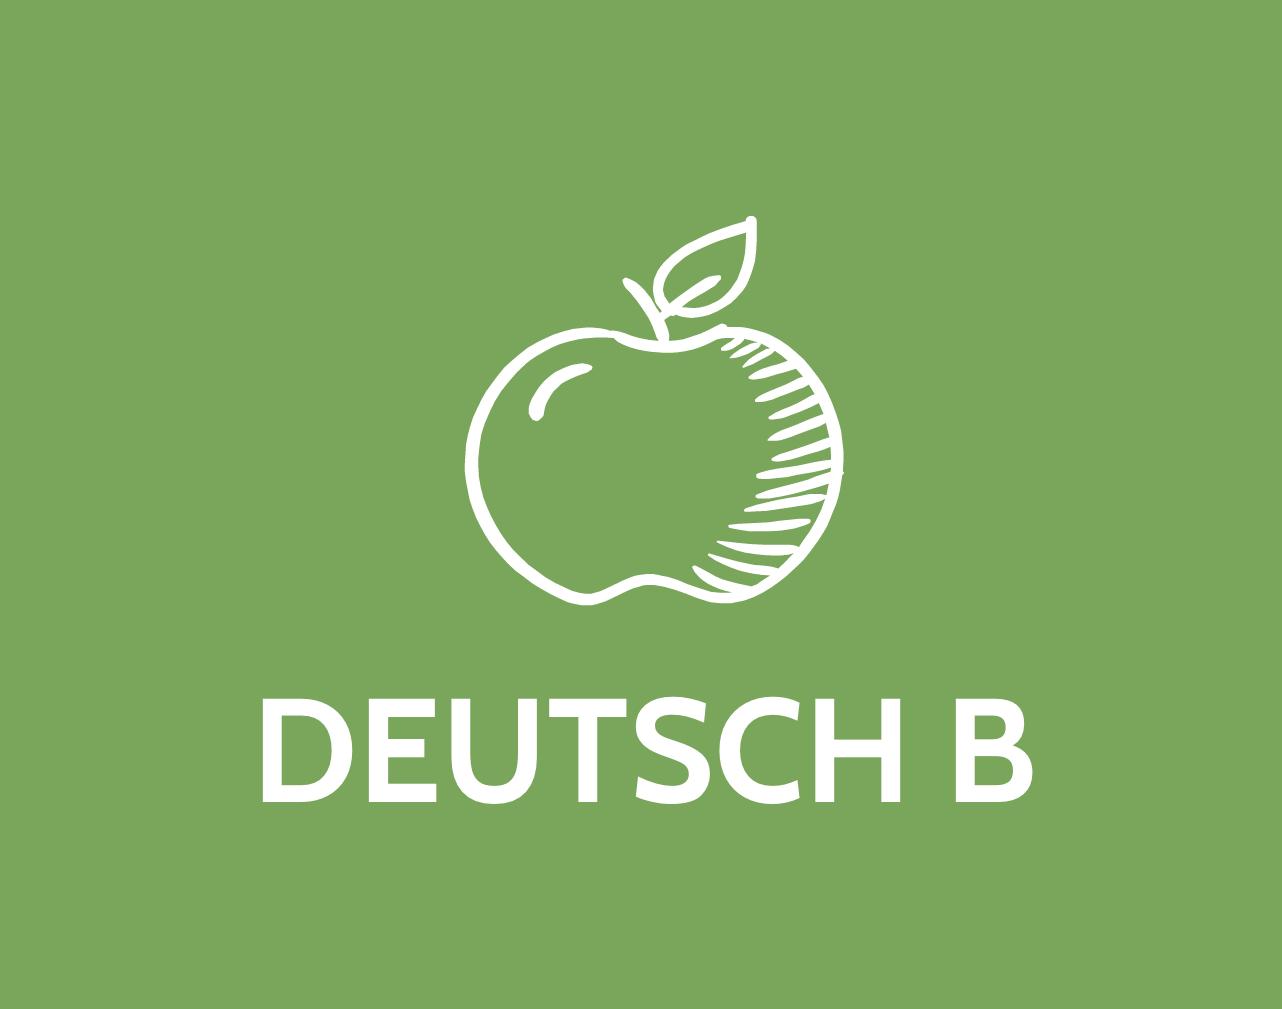 Deutsch B